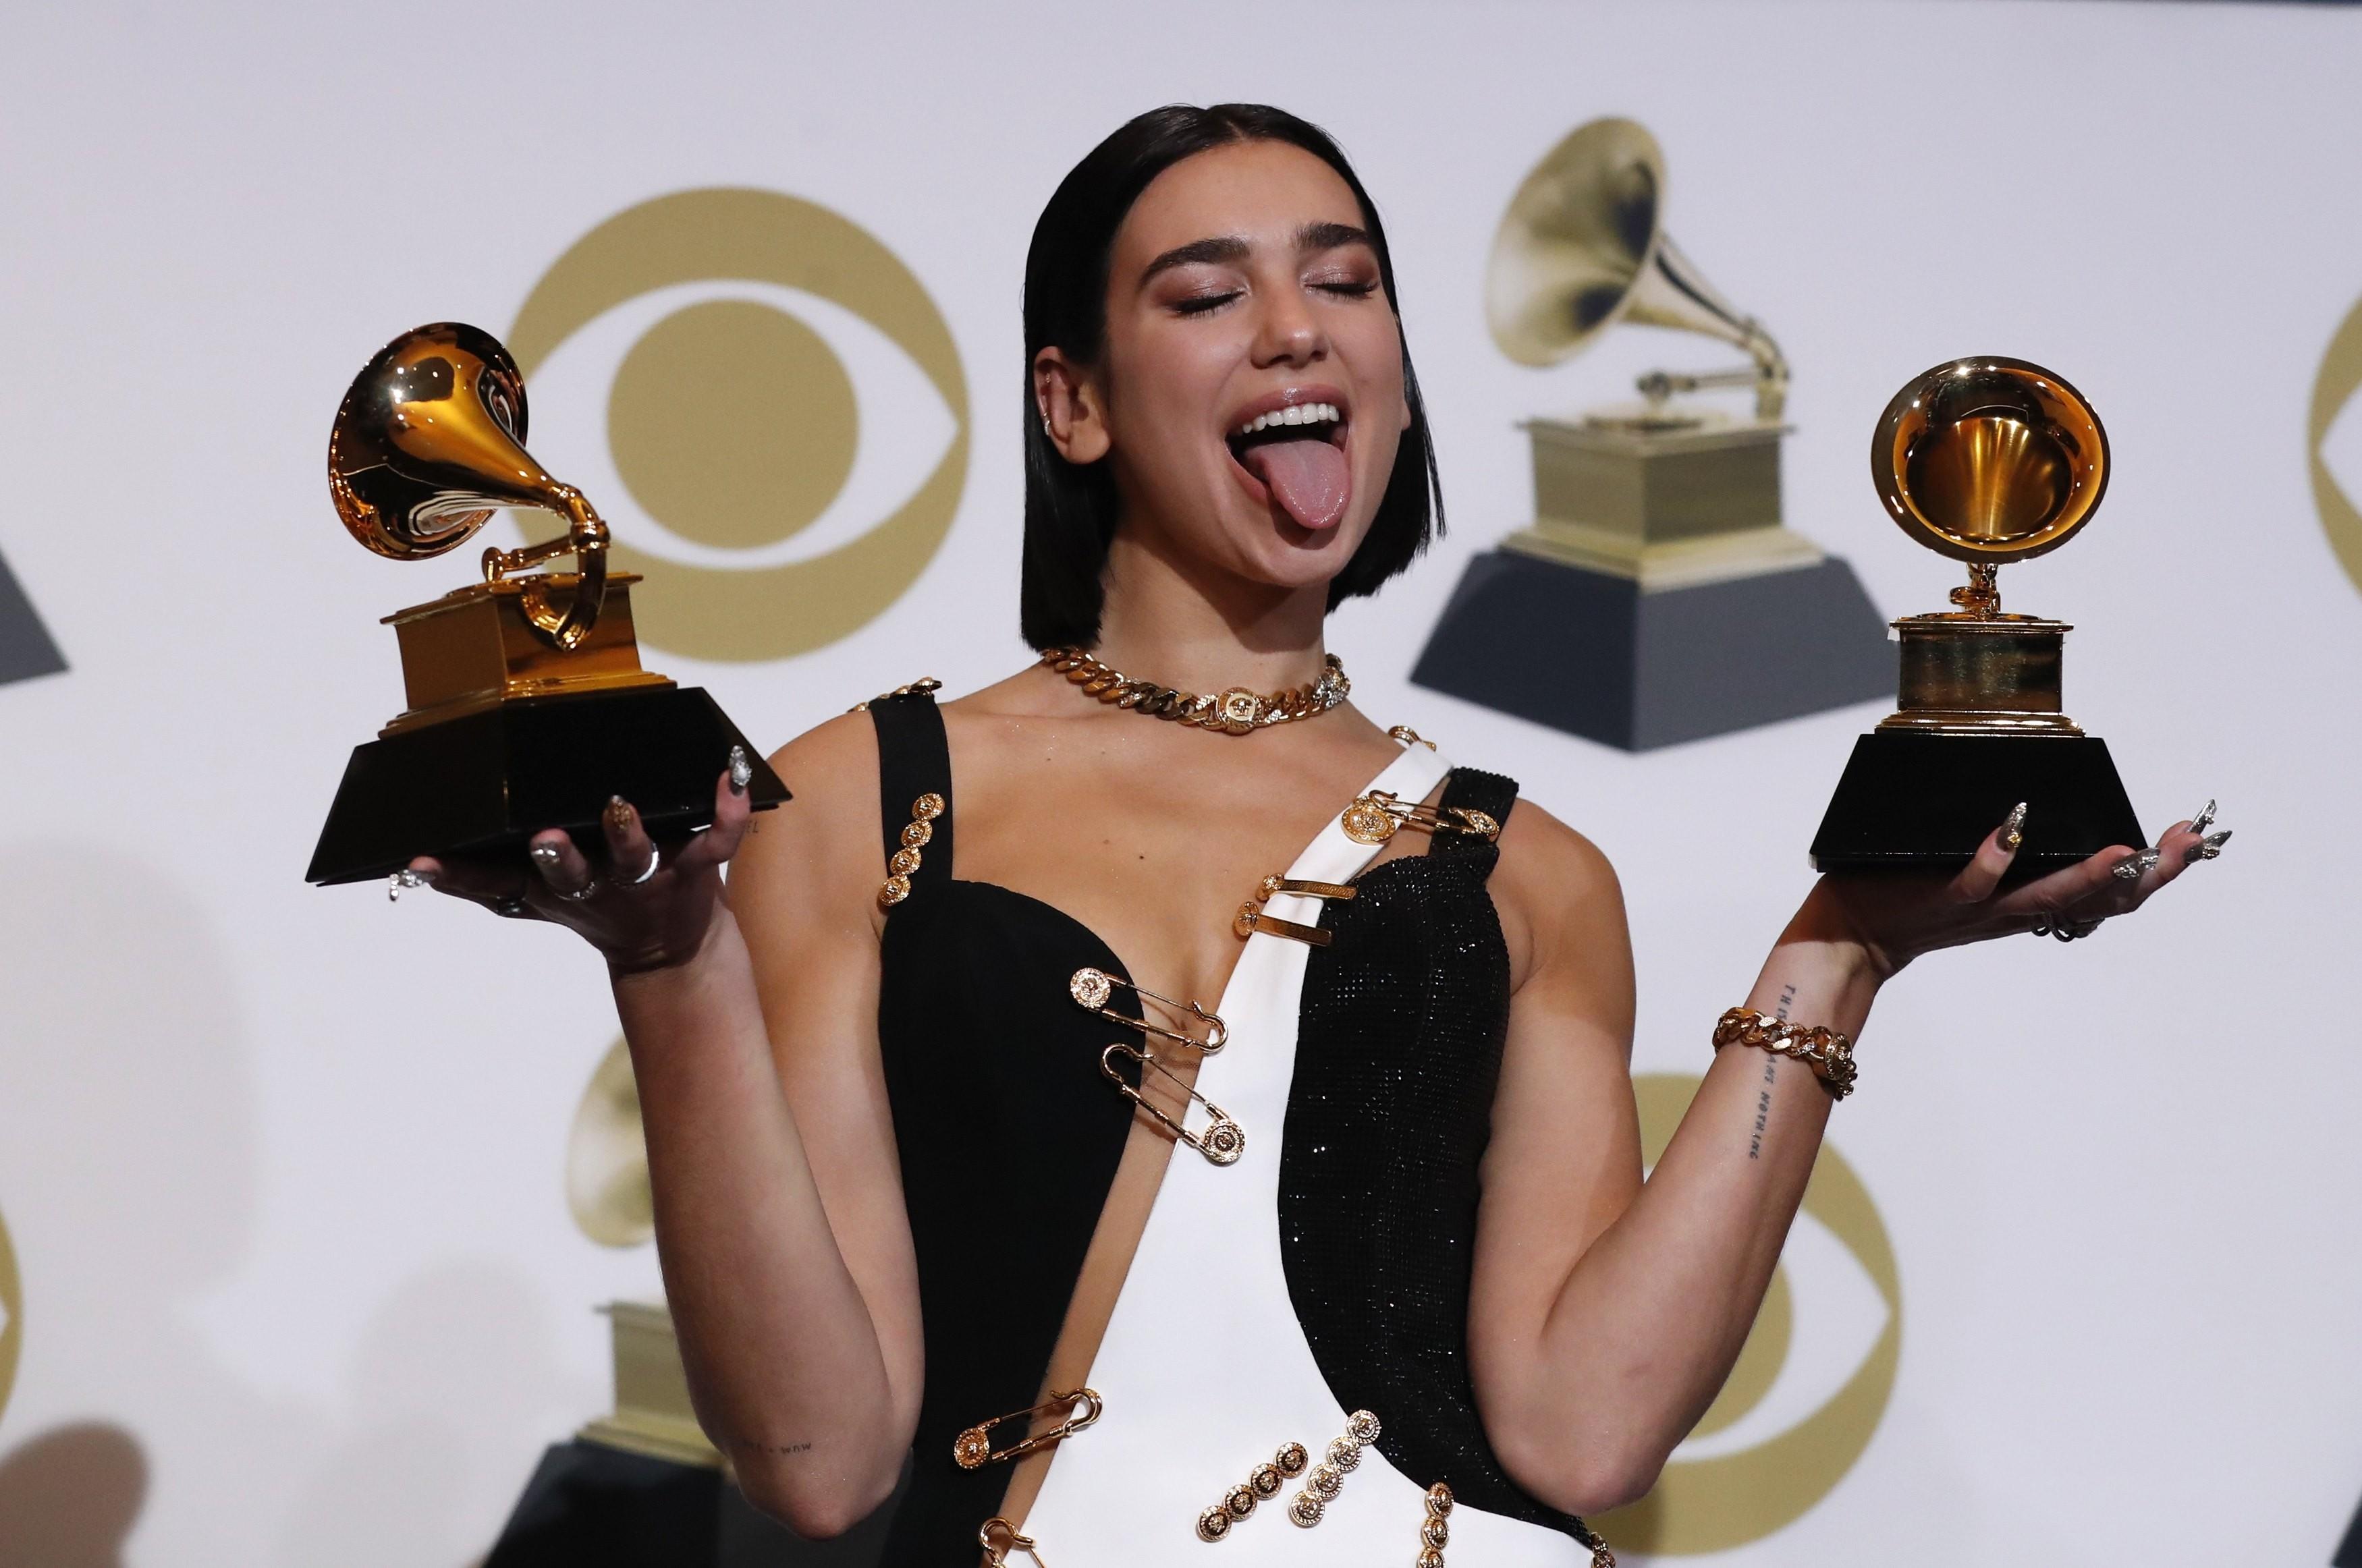 Organização do Grammy nega acusações de fraude em processo de indicação dos artistas